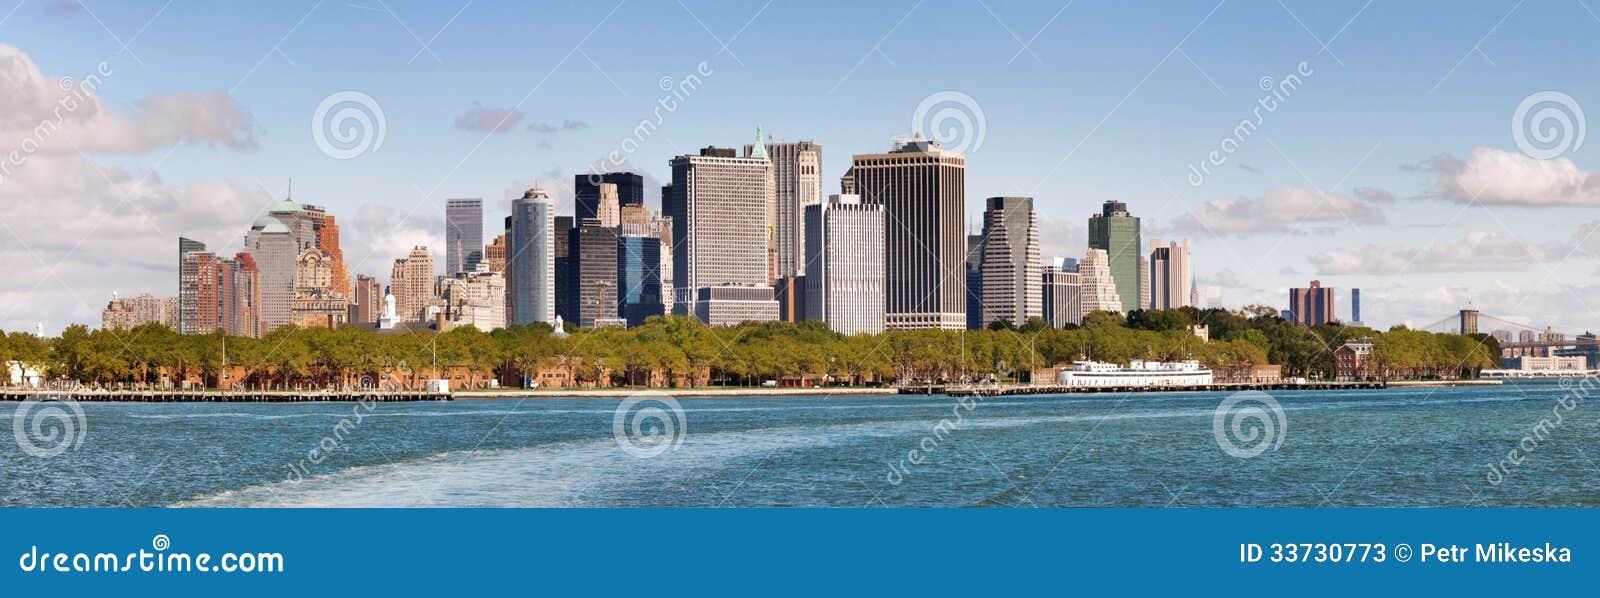 Vista panoramica dell orizzonte più basso di Manhattan